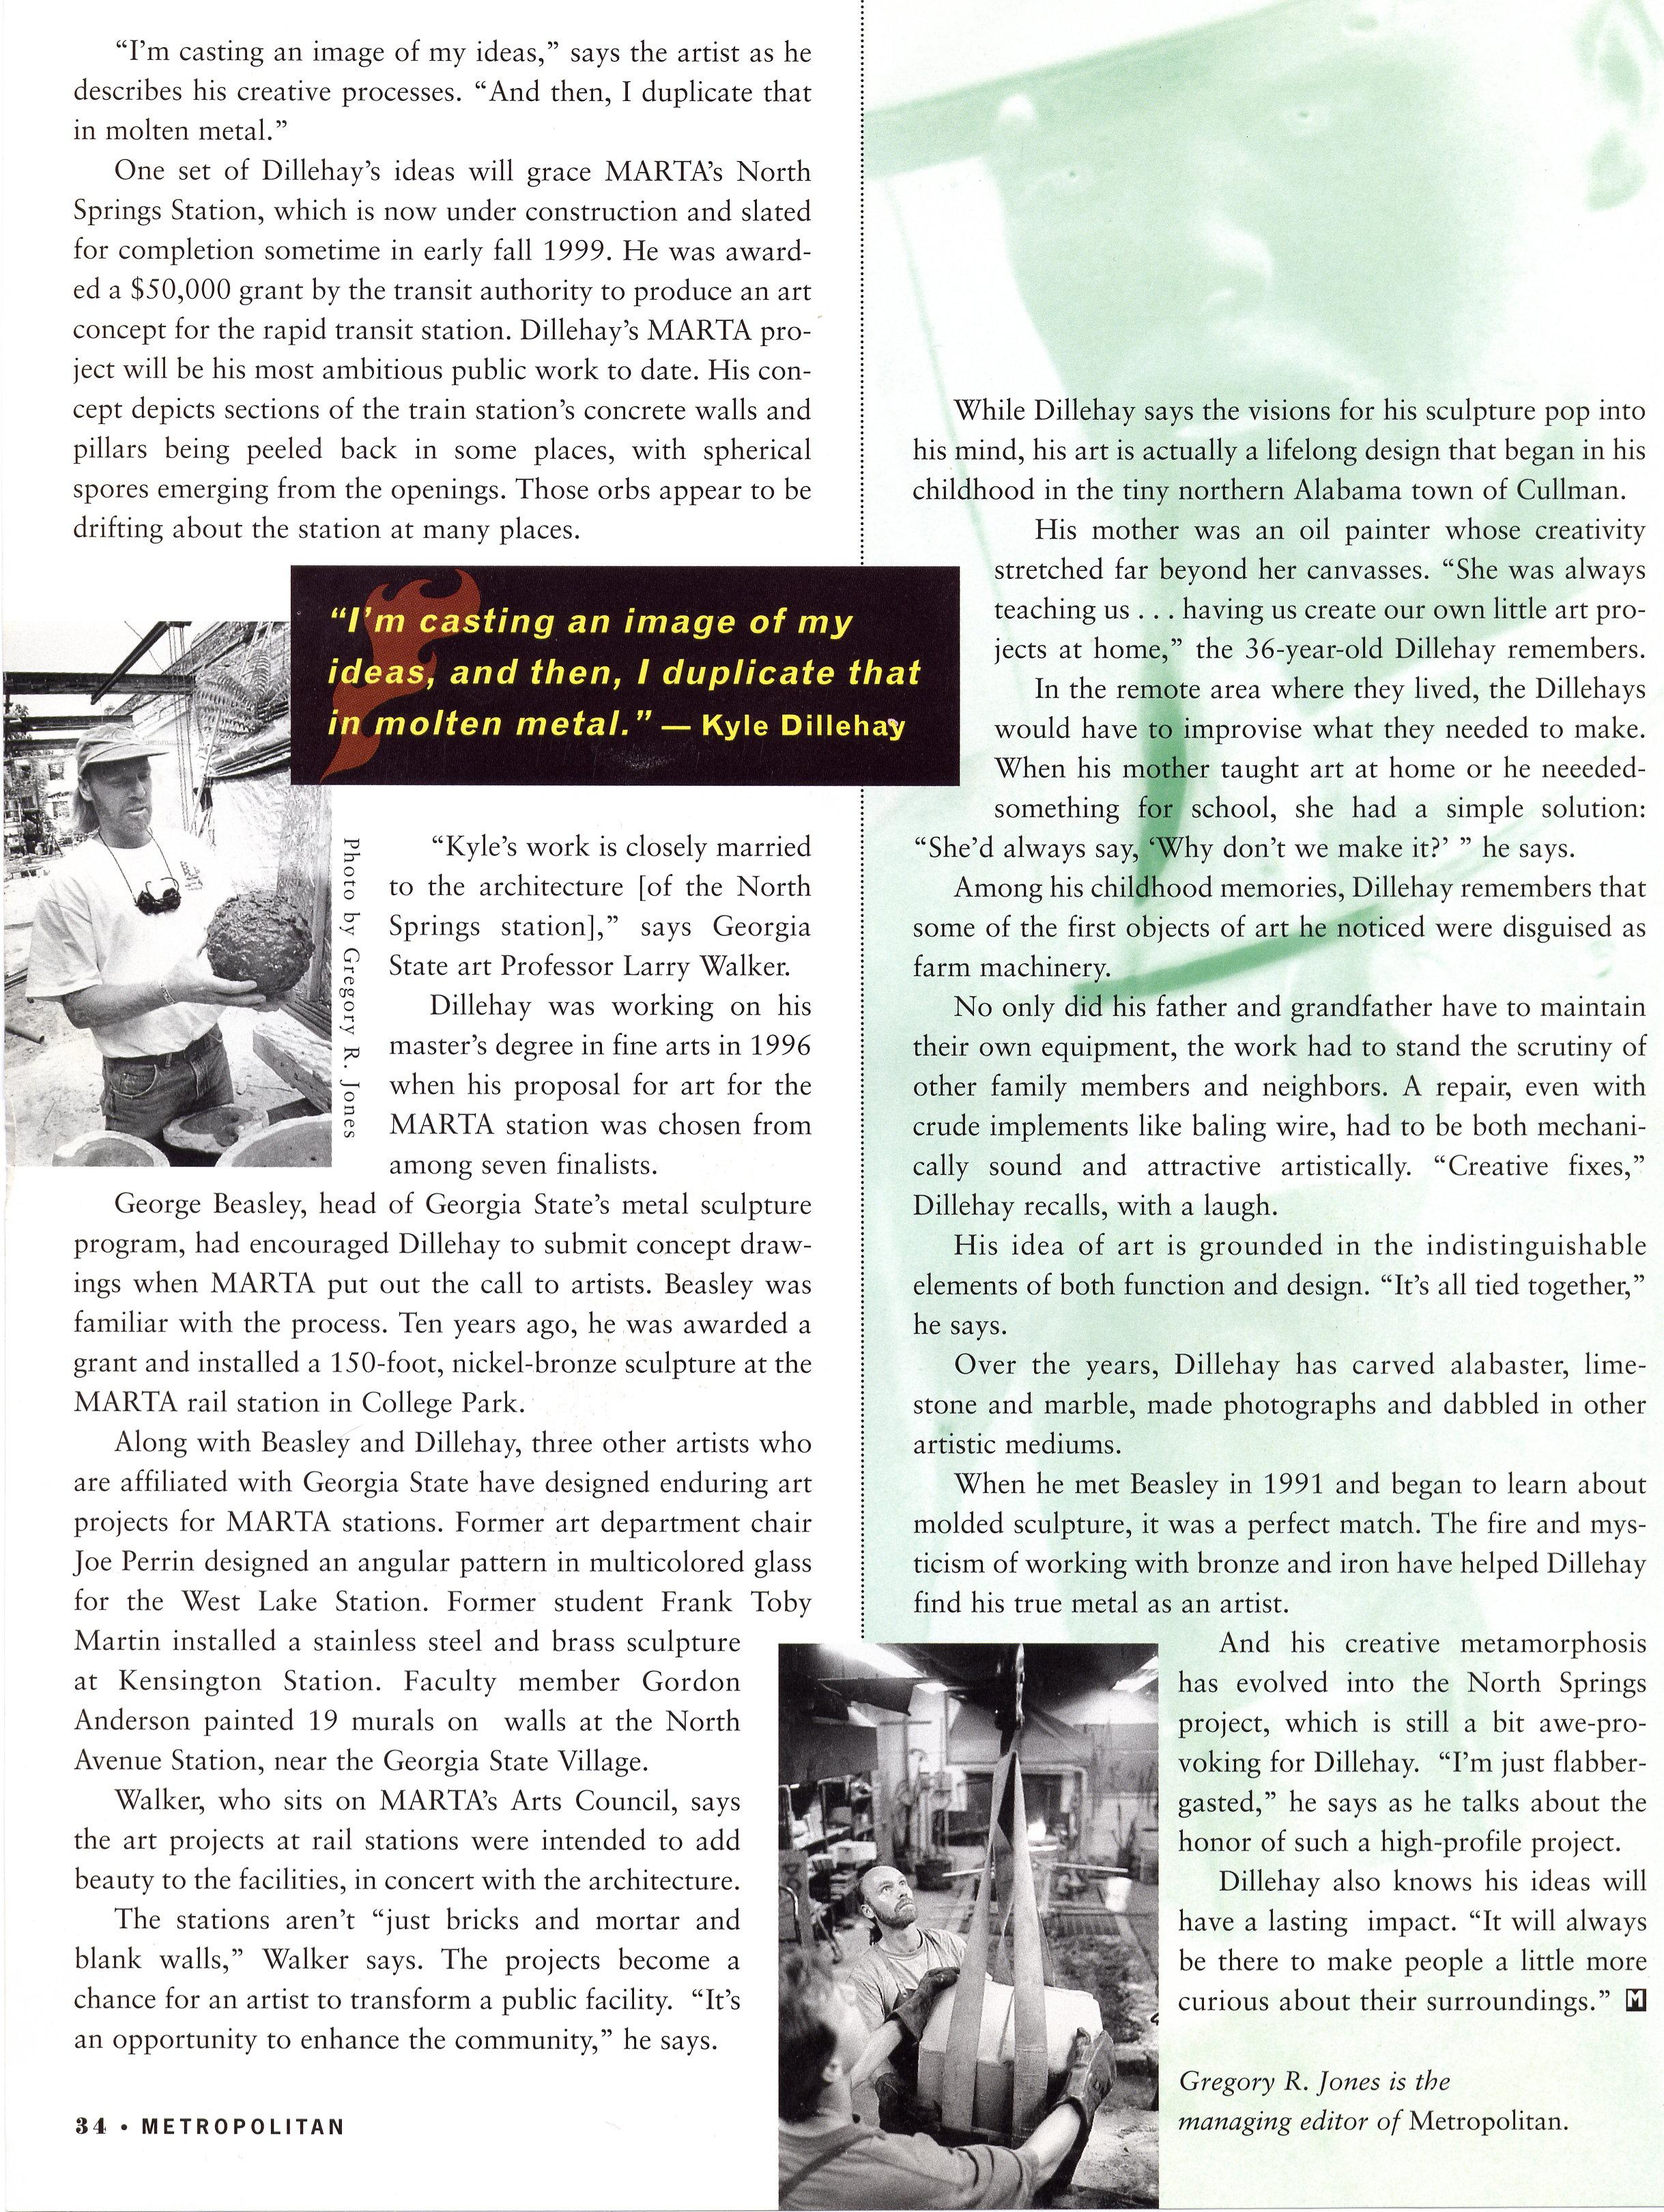 MARTA article in GSU.jpg